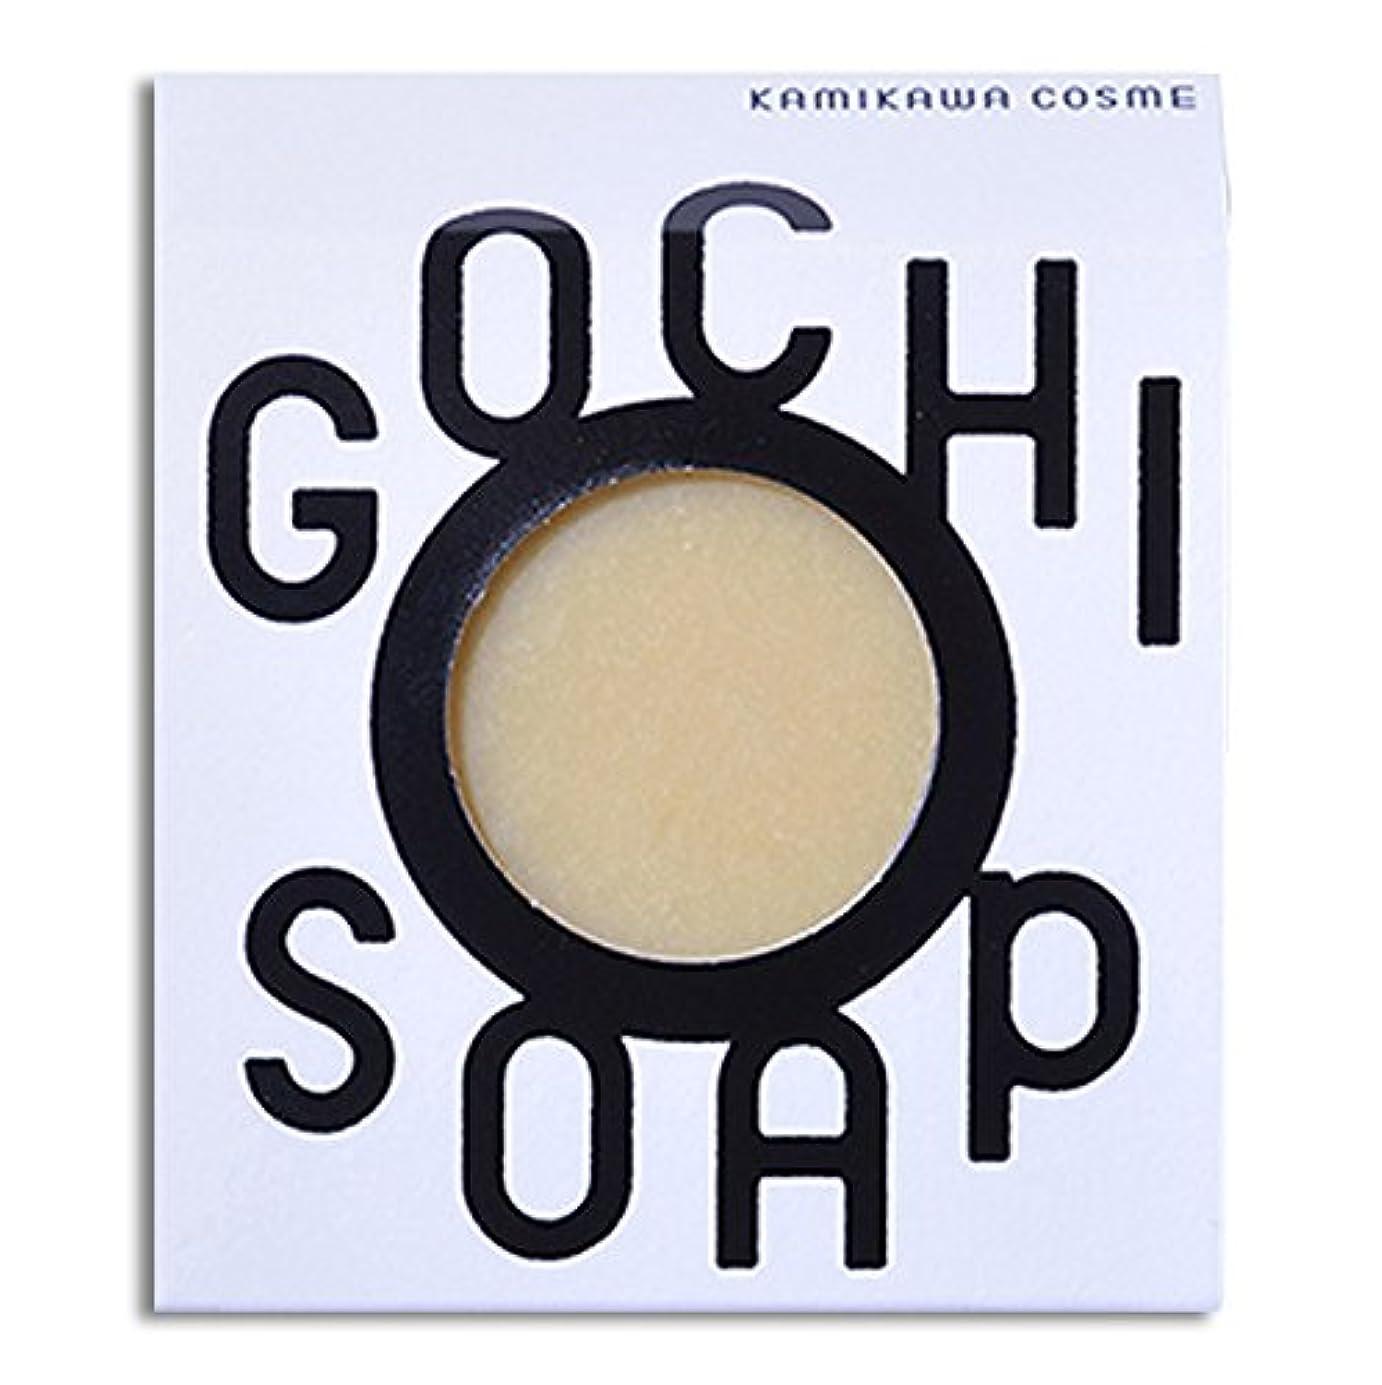 うれしい修正する航海道北の素材を使用したコスメブランド GOCHI SOAP(山路養蜂園の蜂蜜ソープ?ふじくらますも果樹園のりんごソープ)各1個セット